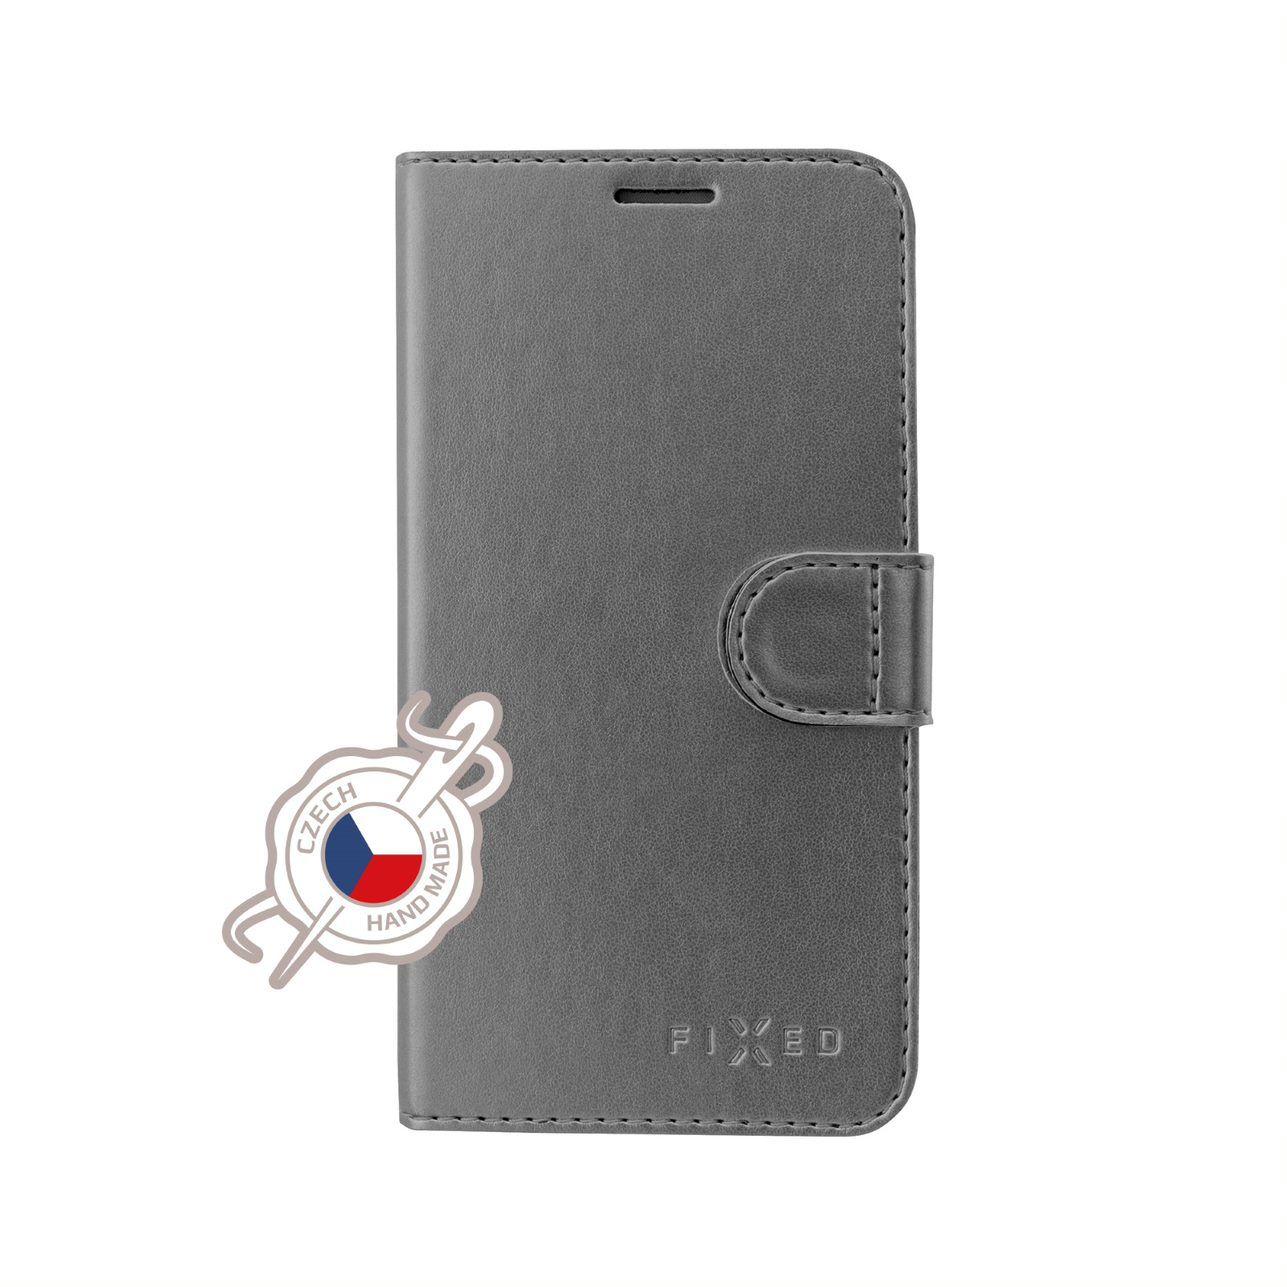 FIXED FIT SHINE flipové pouzdro pro Xiaomi Redmi Note 7/7 Pro, antracitové